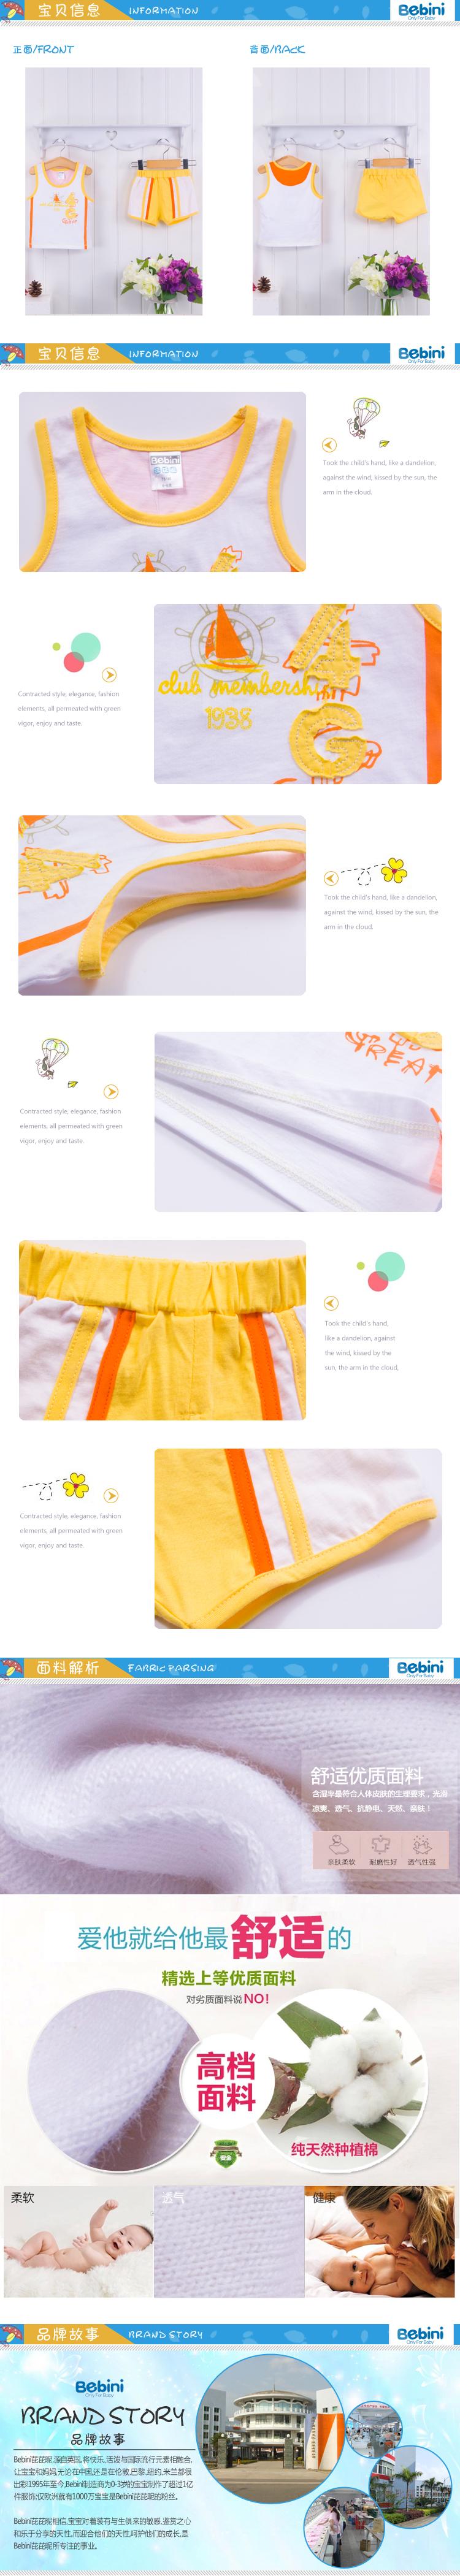 男童白色 黄色背心 短裤